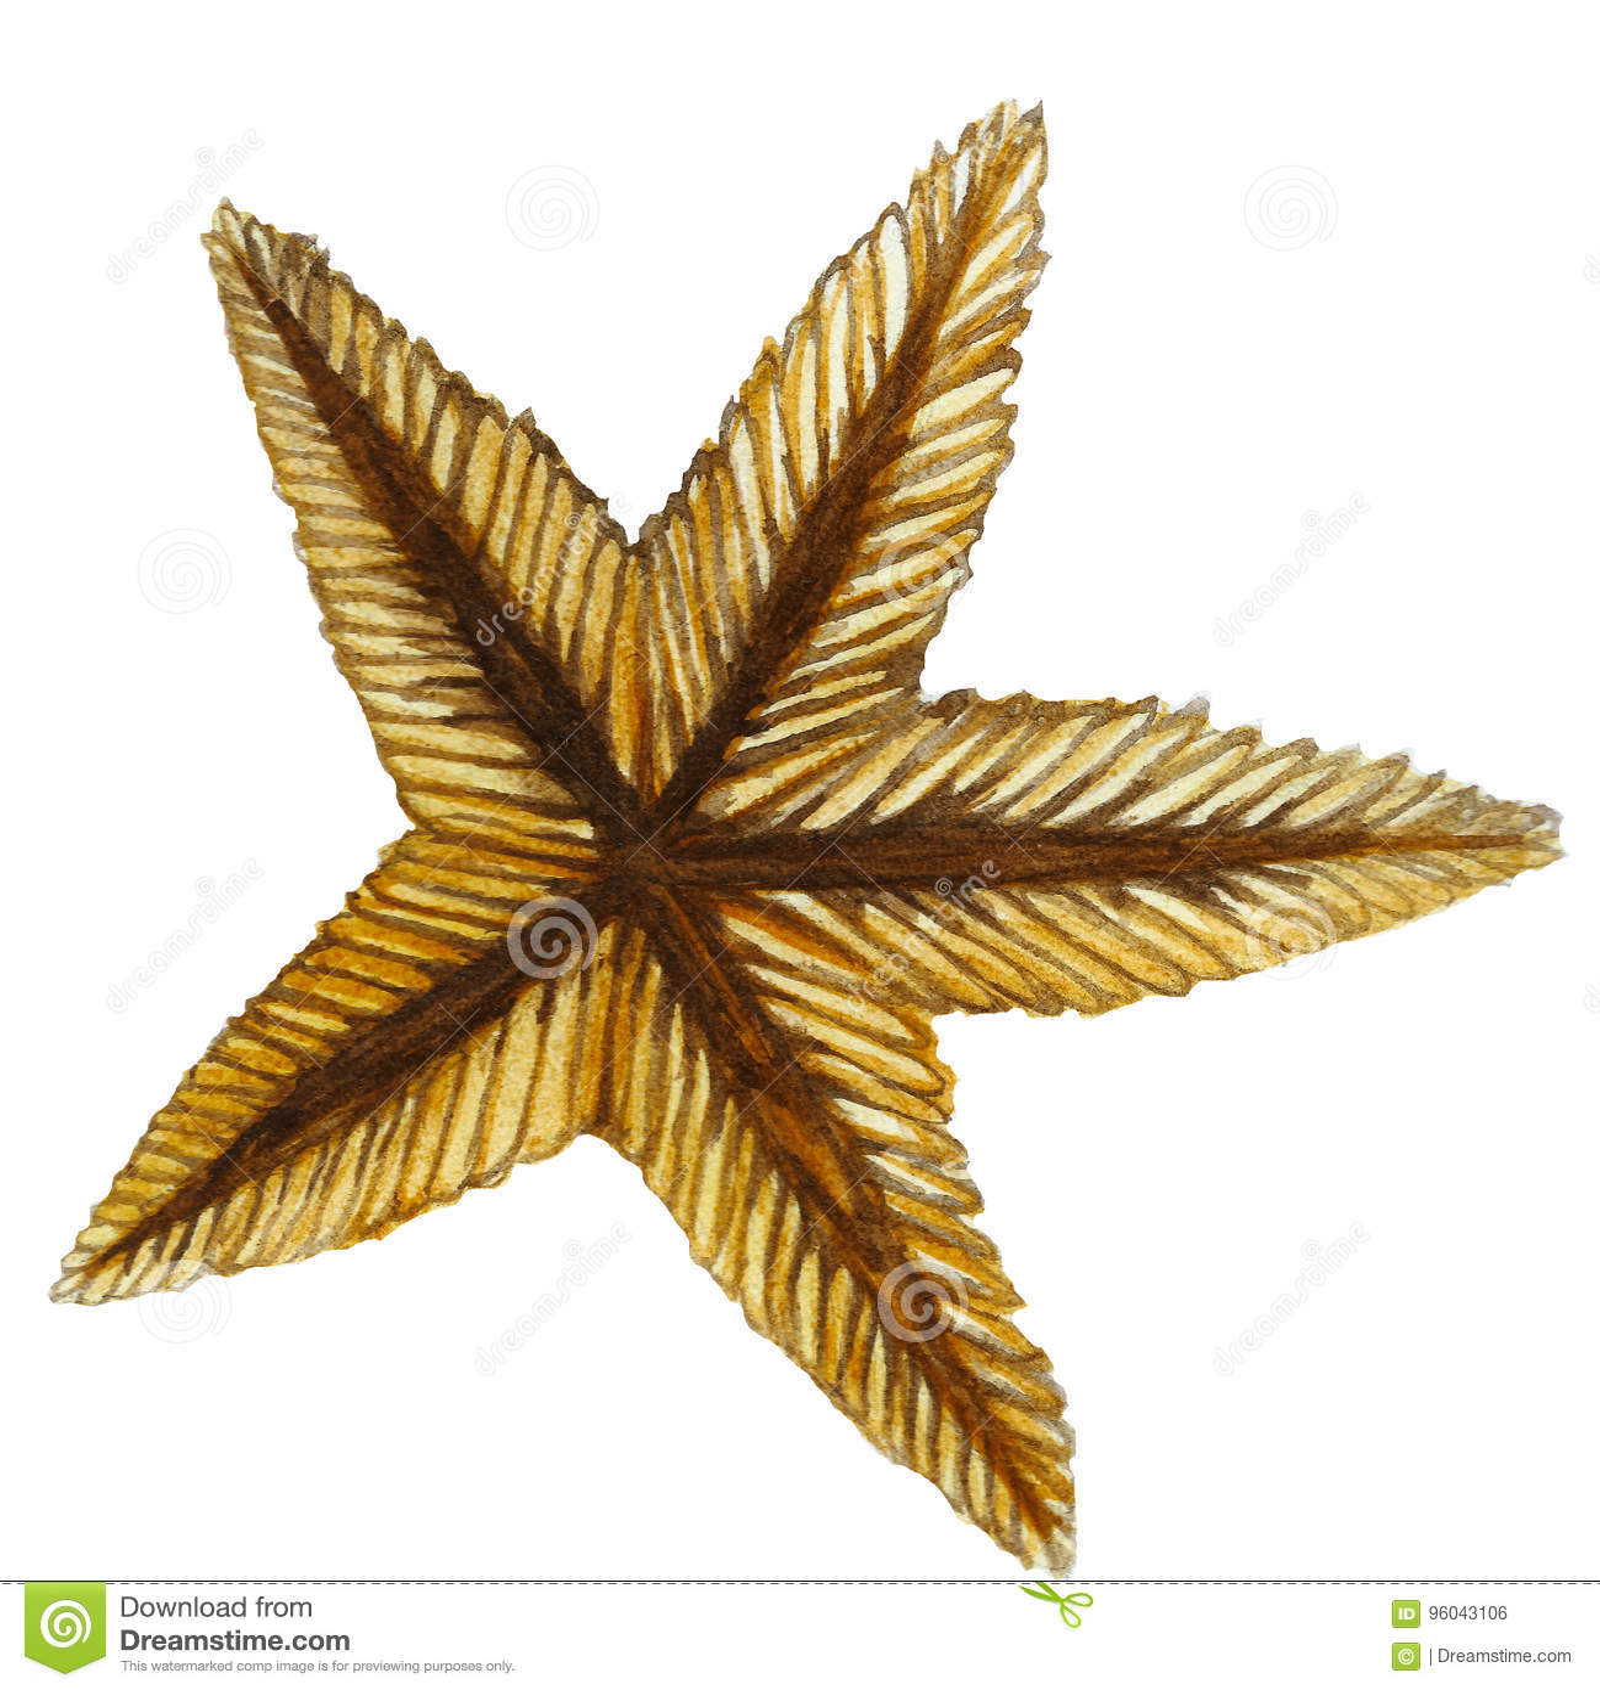 Waterverf het schilderen van zand-gekleurde overzeese ster versteende klasse van ongewervelden zoals stekelhuidigen